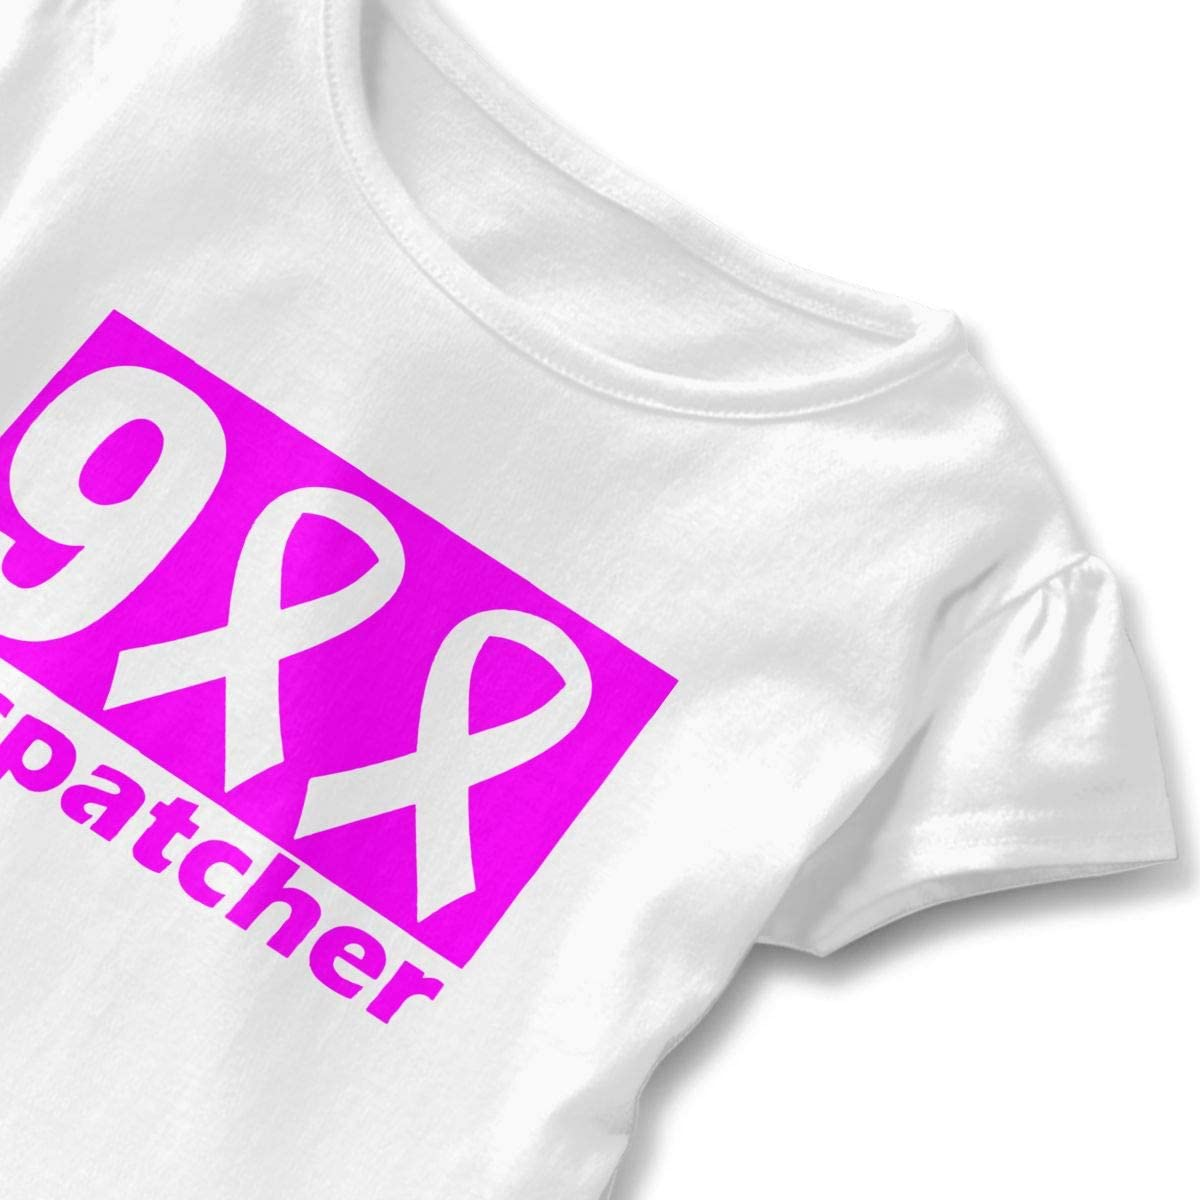 911 Dispatcher Kids Children Short Sleeve Tee Tops